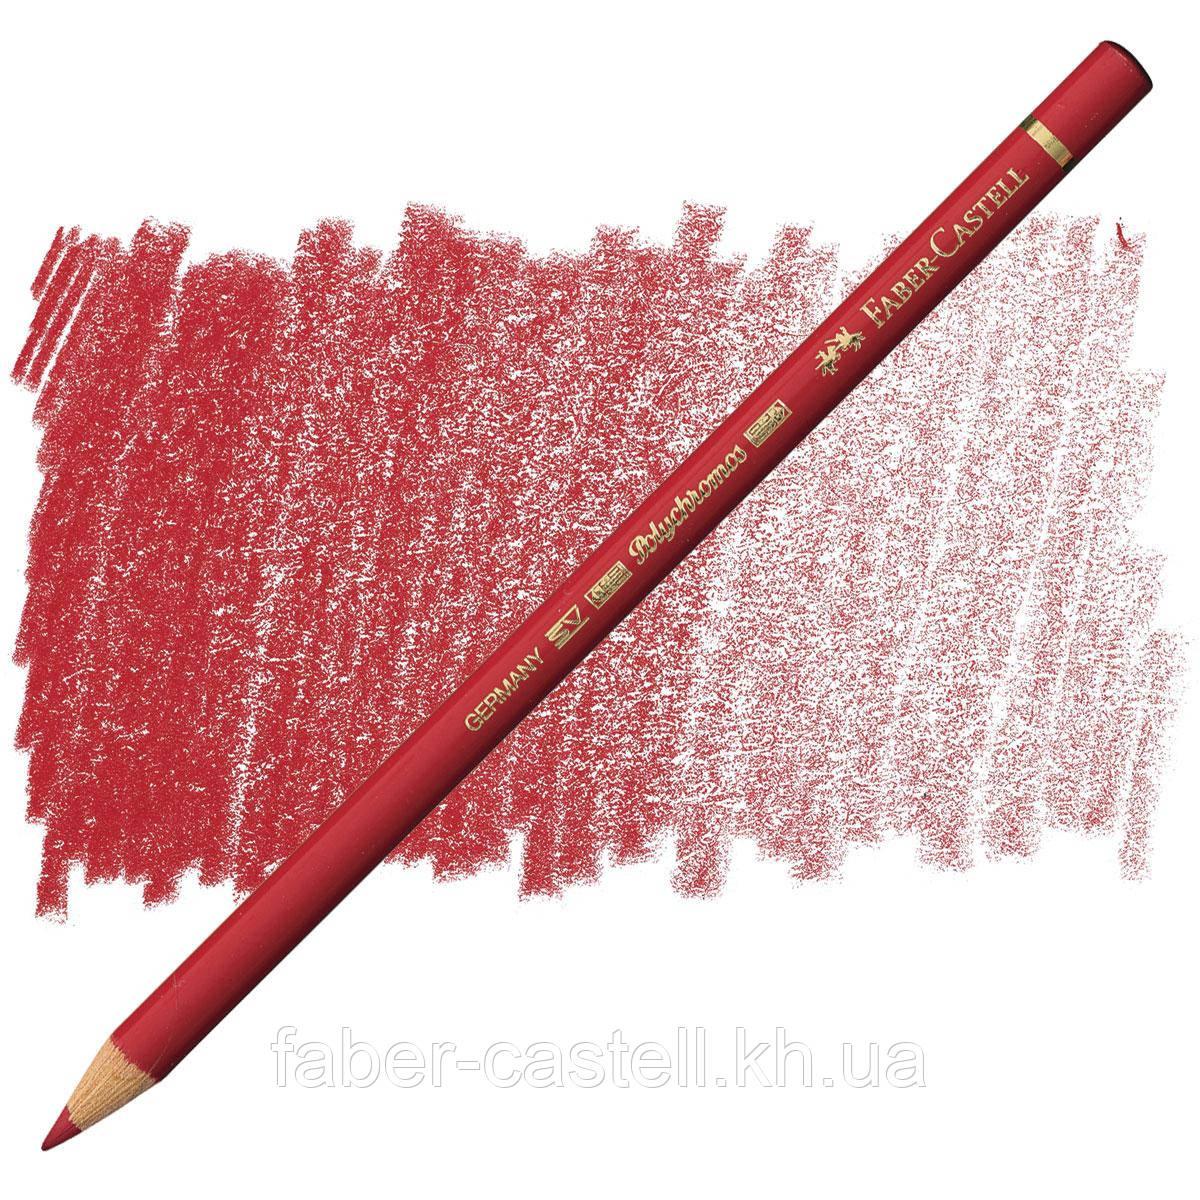 Олівець кольоровий Faber-Castell POLYCHROMOS глибокий червоний №223 (Deep Red), 110223